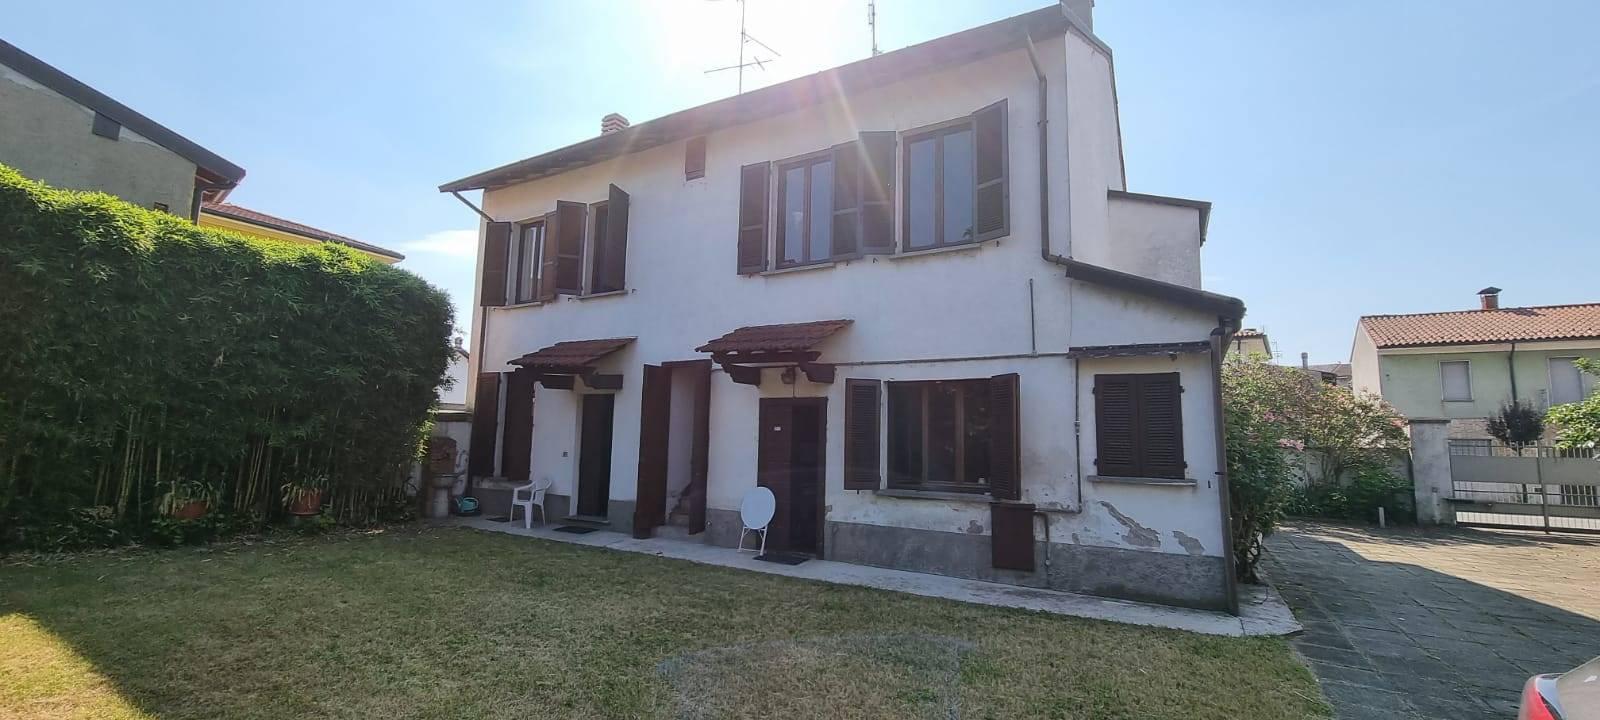 Villa in vendita a Motta Visconti, 8 locali, prezzo € 250.000 | PortaleAgenzieImmobiliari.it